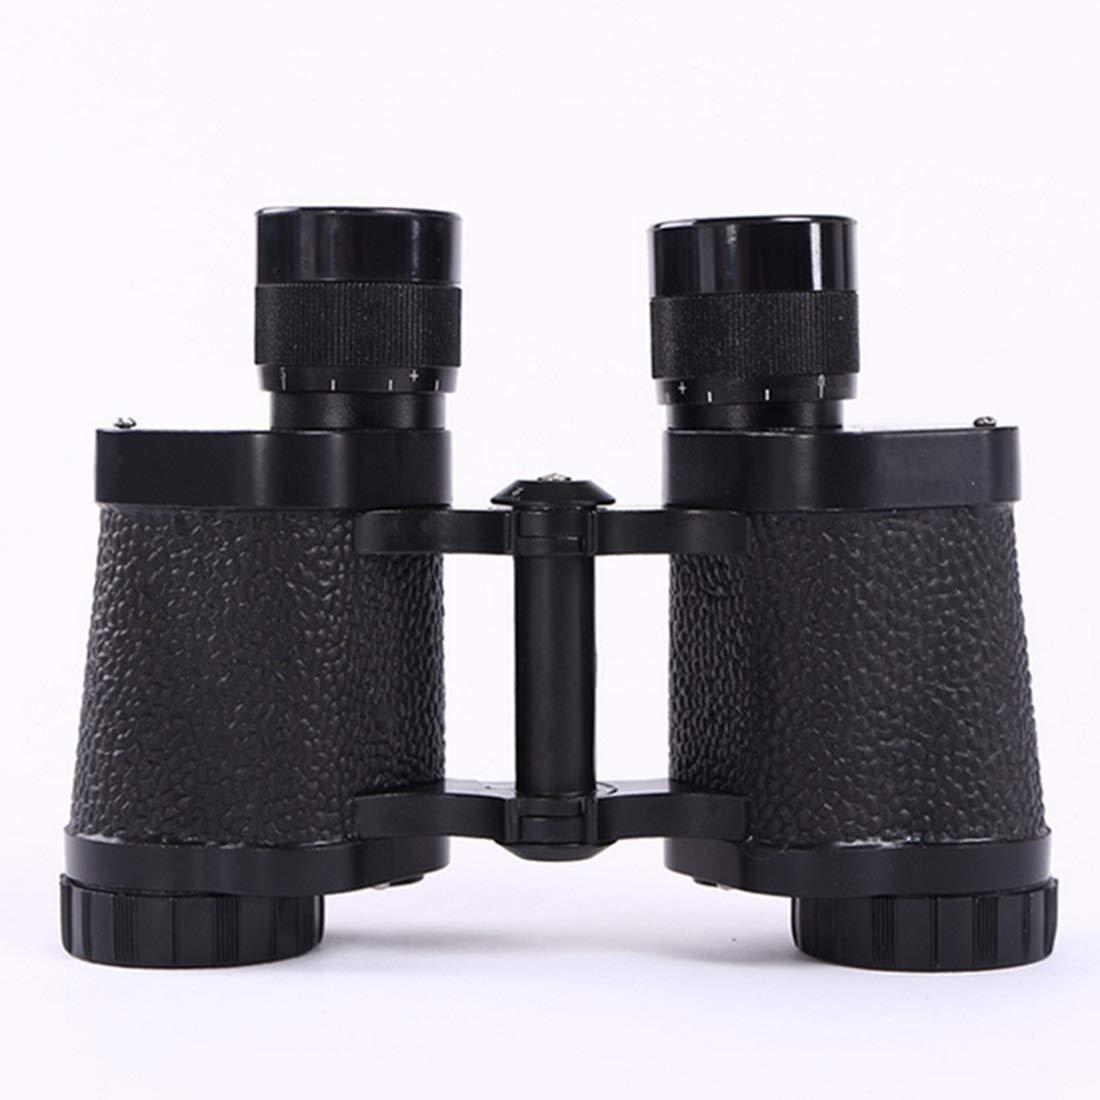 【未使用品】 Nekovan ブラック 28 Nekovan B07Q8K1X38* 30双眼鏡レンシングシマーナイトビジョン高精細高倍率望遠鏡 ブラック B07Q8K1X38, きものShop衿子:504d8dab --- berkultura.ru